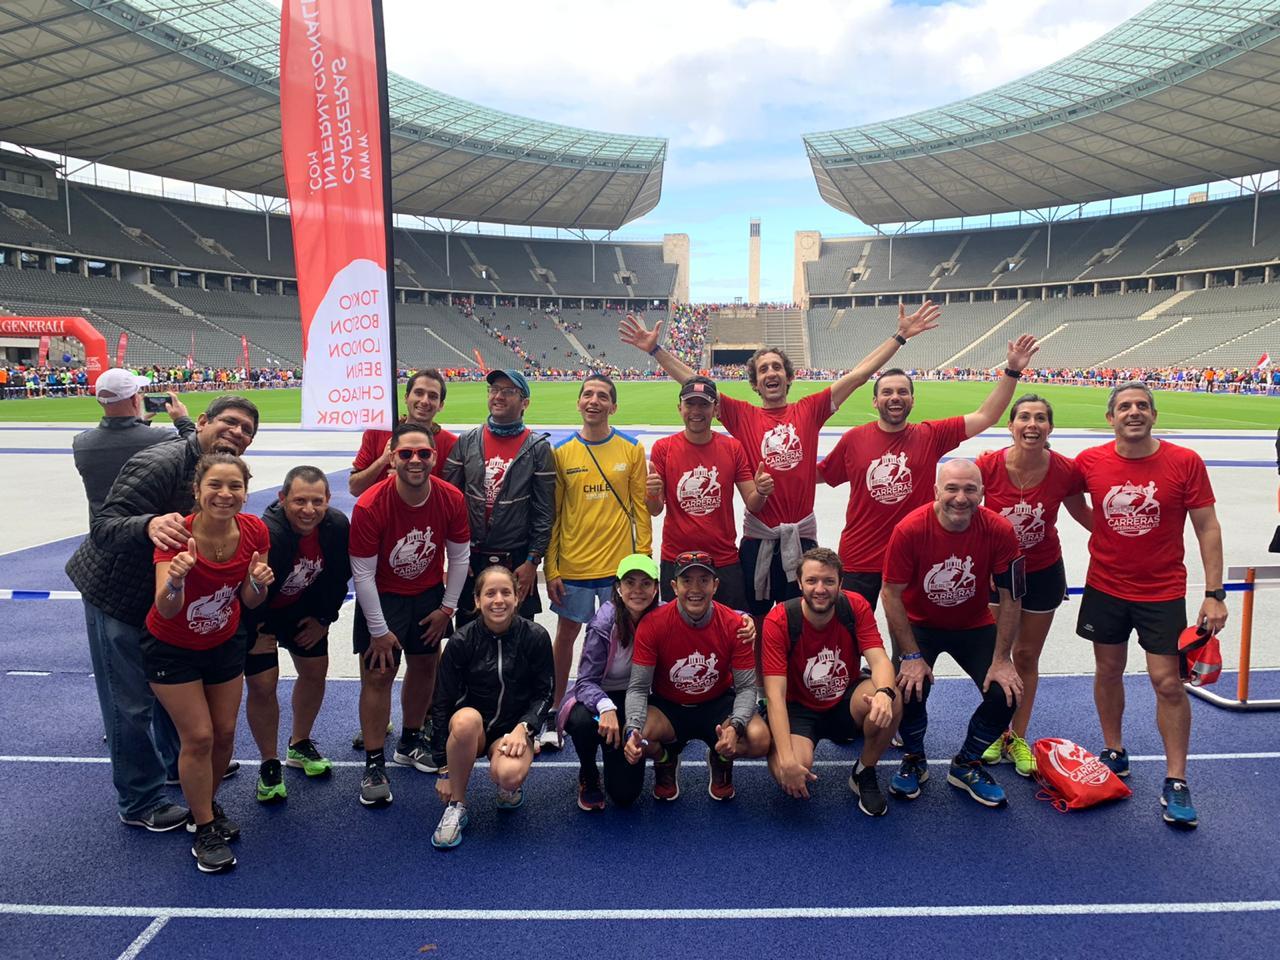 Grupo Berlin Marathon 2019 - Carreras Internacionales